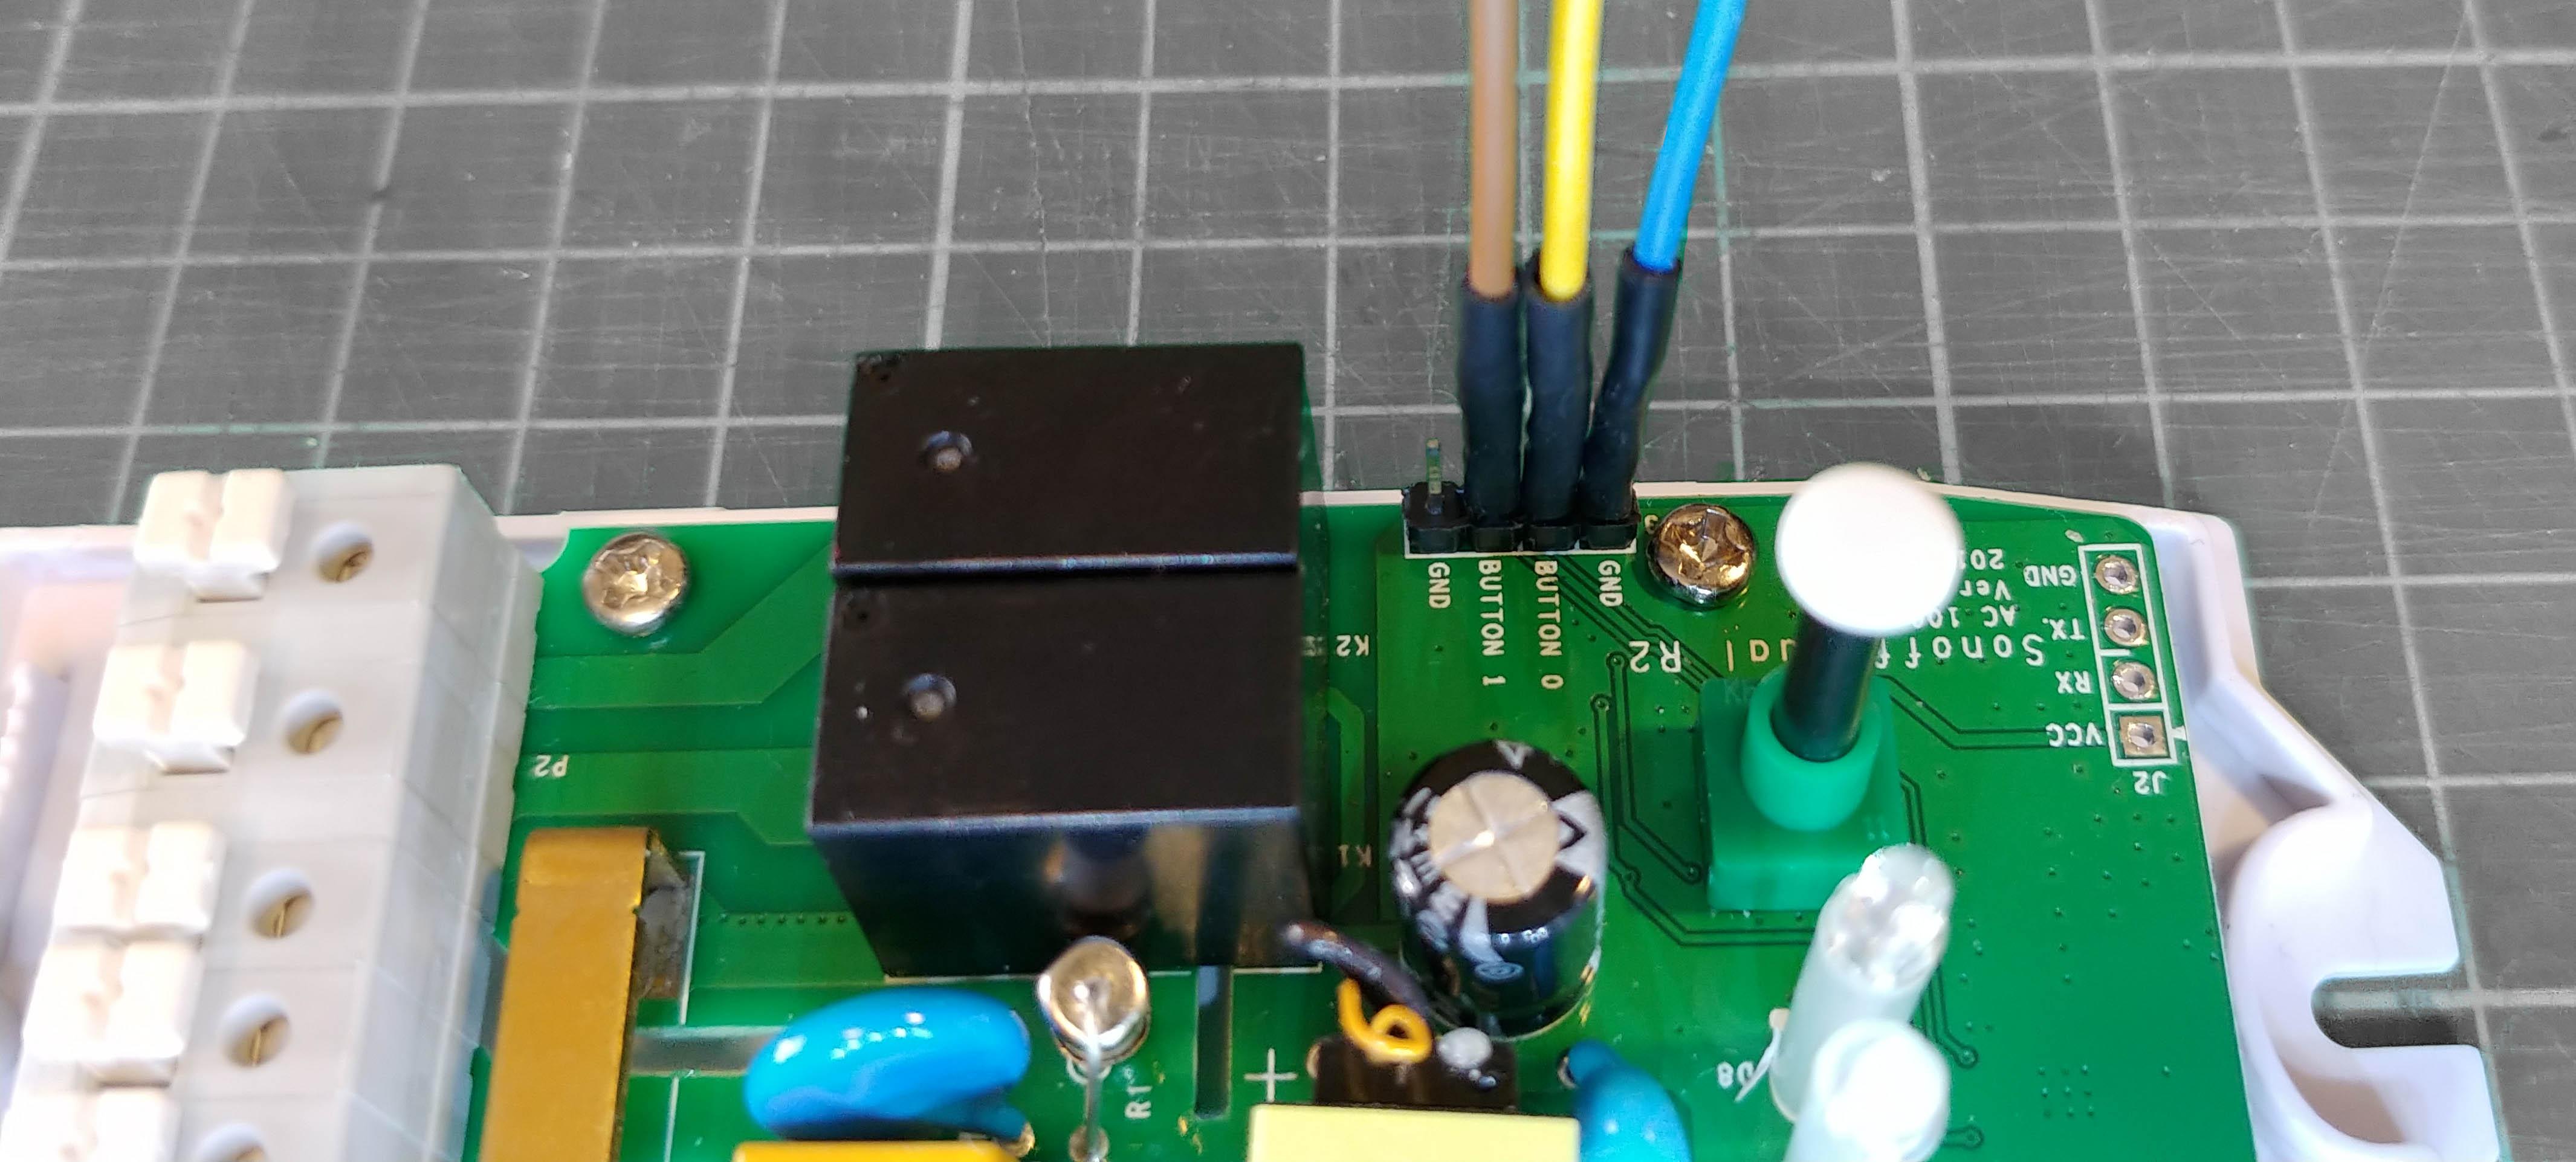 Schema Elettrico Per Motore Tapparelle : Controllo apertura tapparelle in percentuale con firmware tasmota